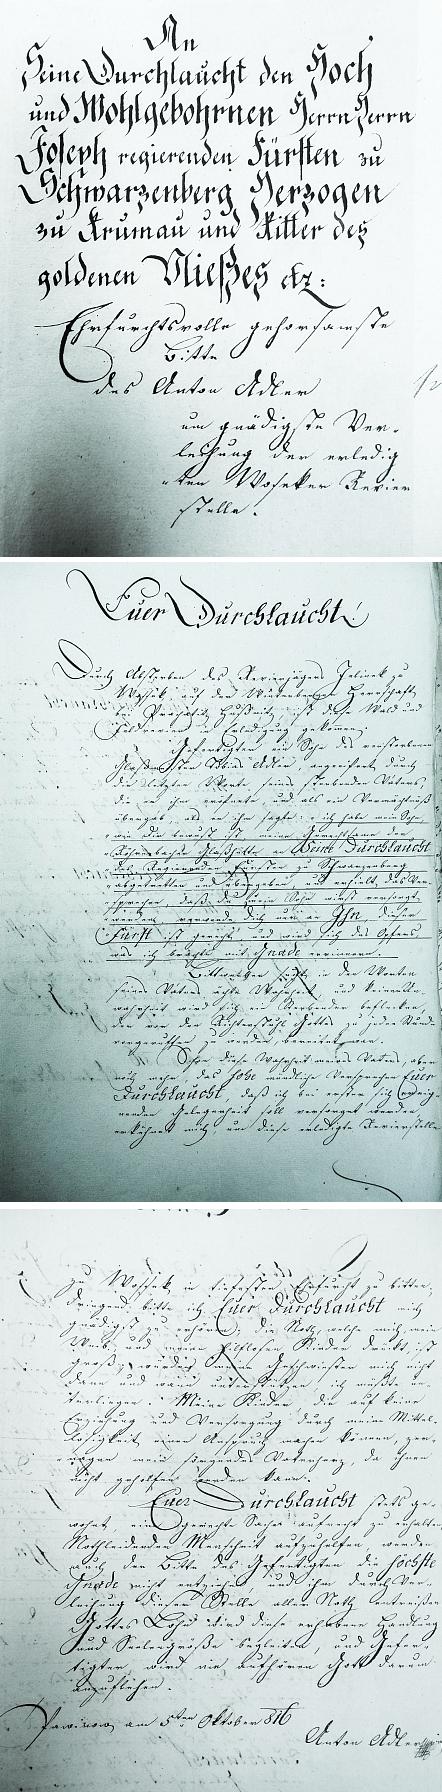 Adlerova vlastnoruční podepsaná žádost knížeti o místo revírníka v Osekách, datovaná v Pavinově 5. října roku 1816